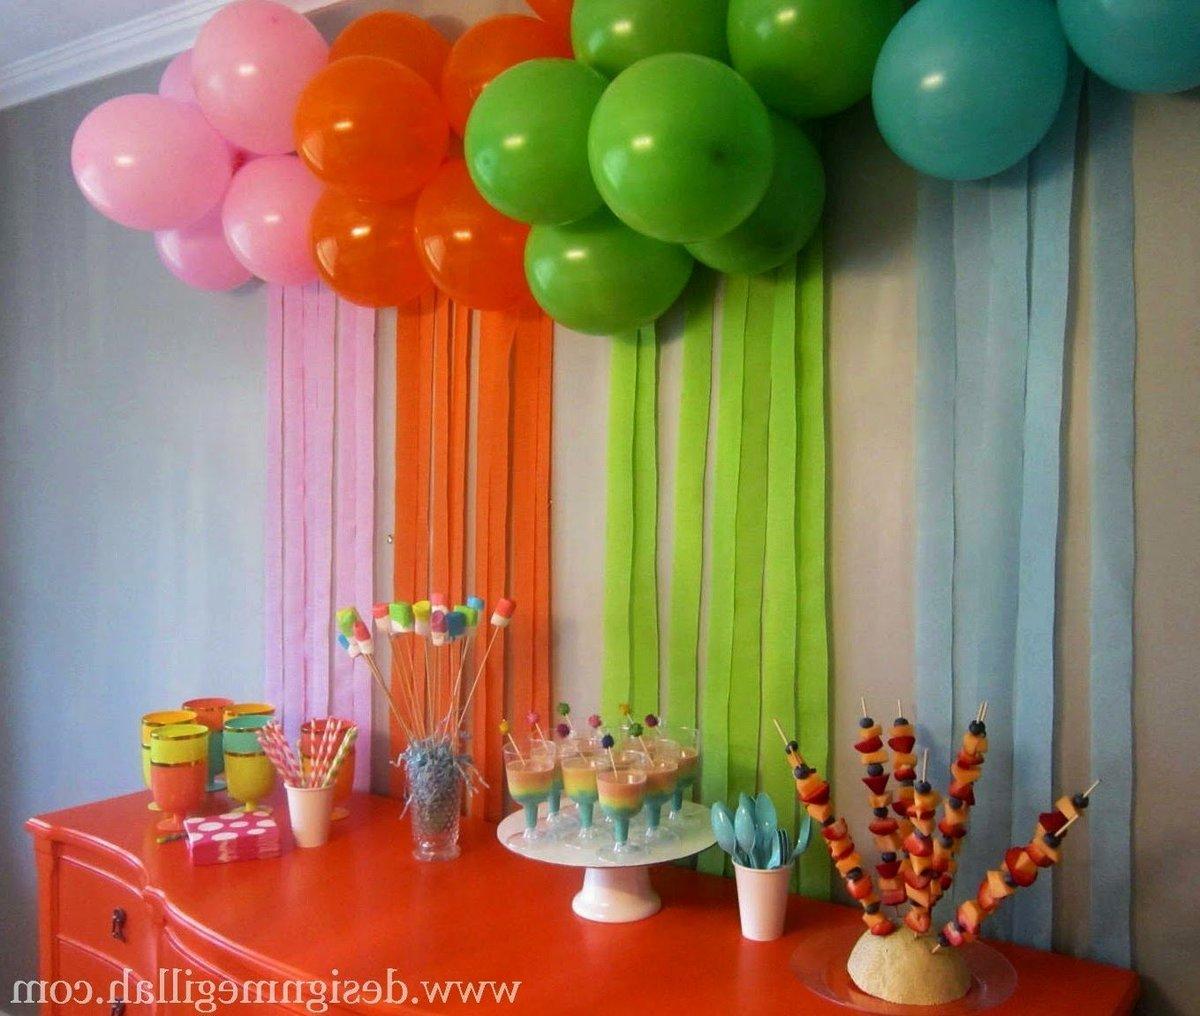 Поздравление с днем рождения ребенка 1 год мальчику в прозе 19